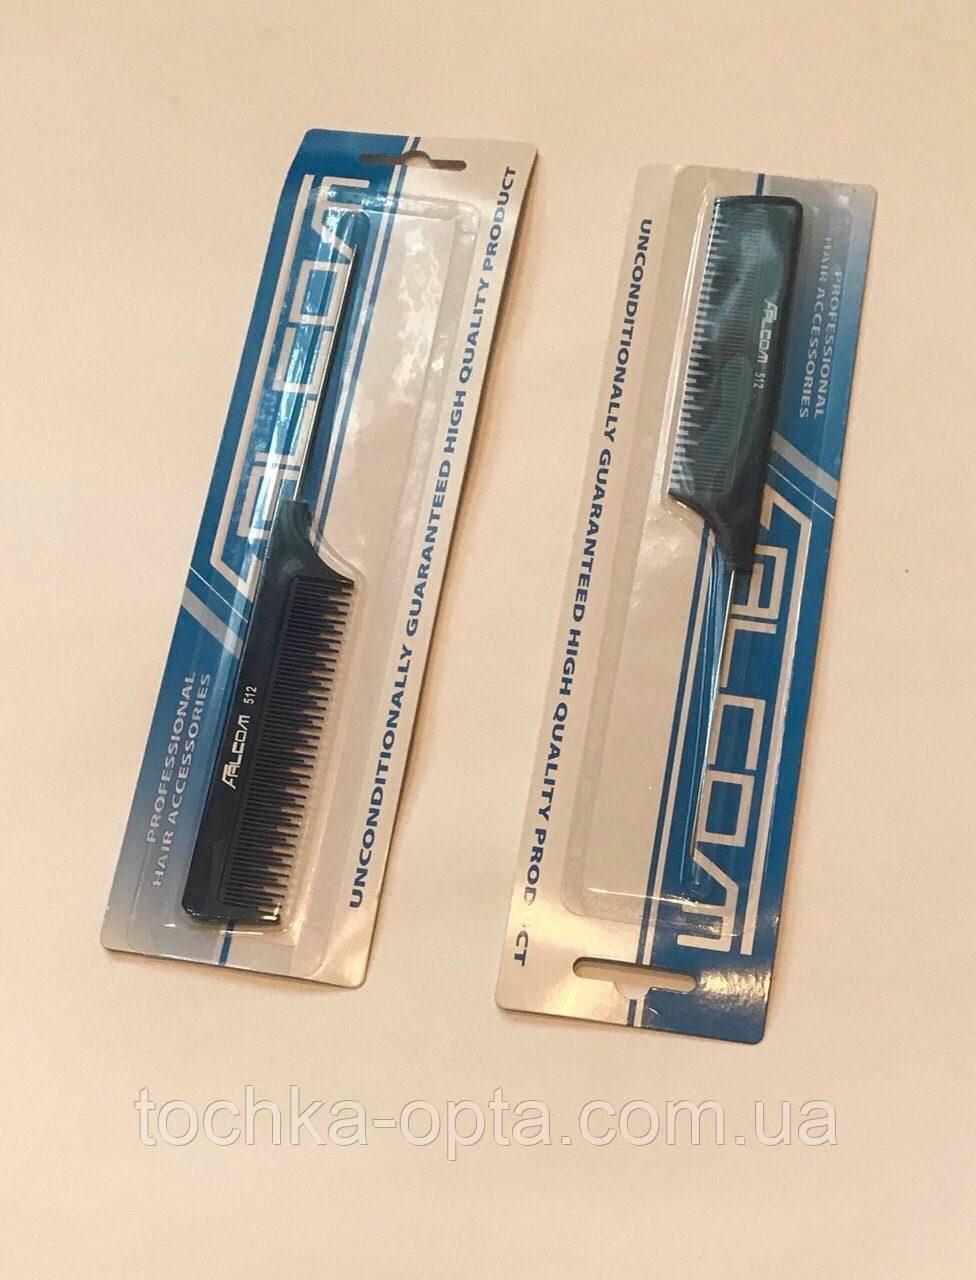 Расчёска Falcom 512 для начёса волос